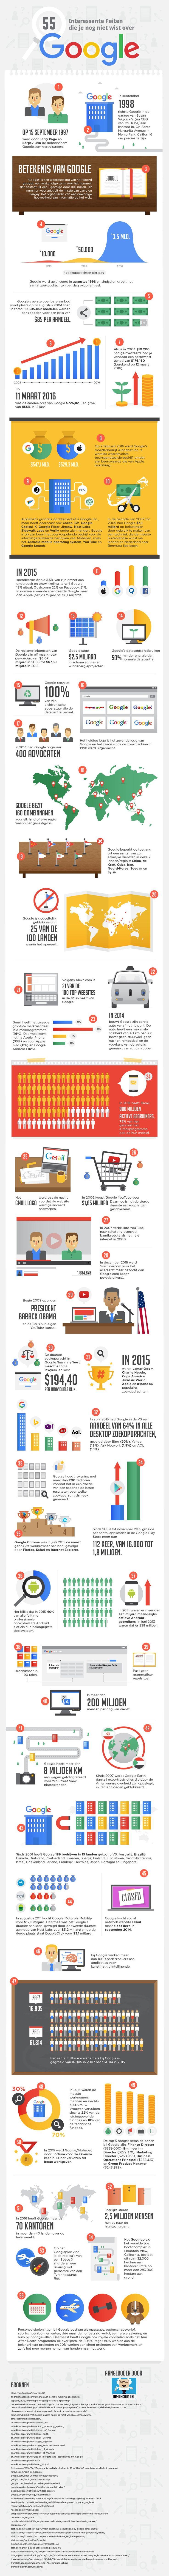 55 weetjes over Google. Lees alles over de geschiedenis en briljante investeringen.